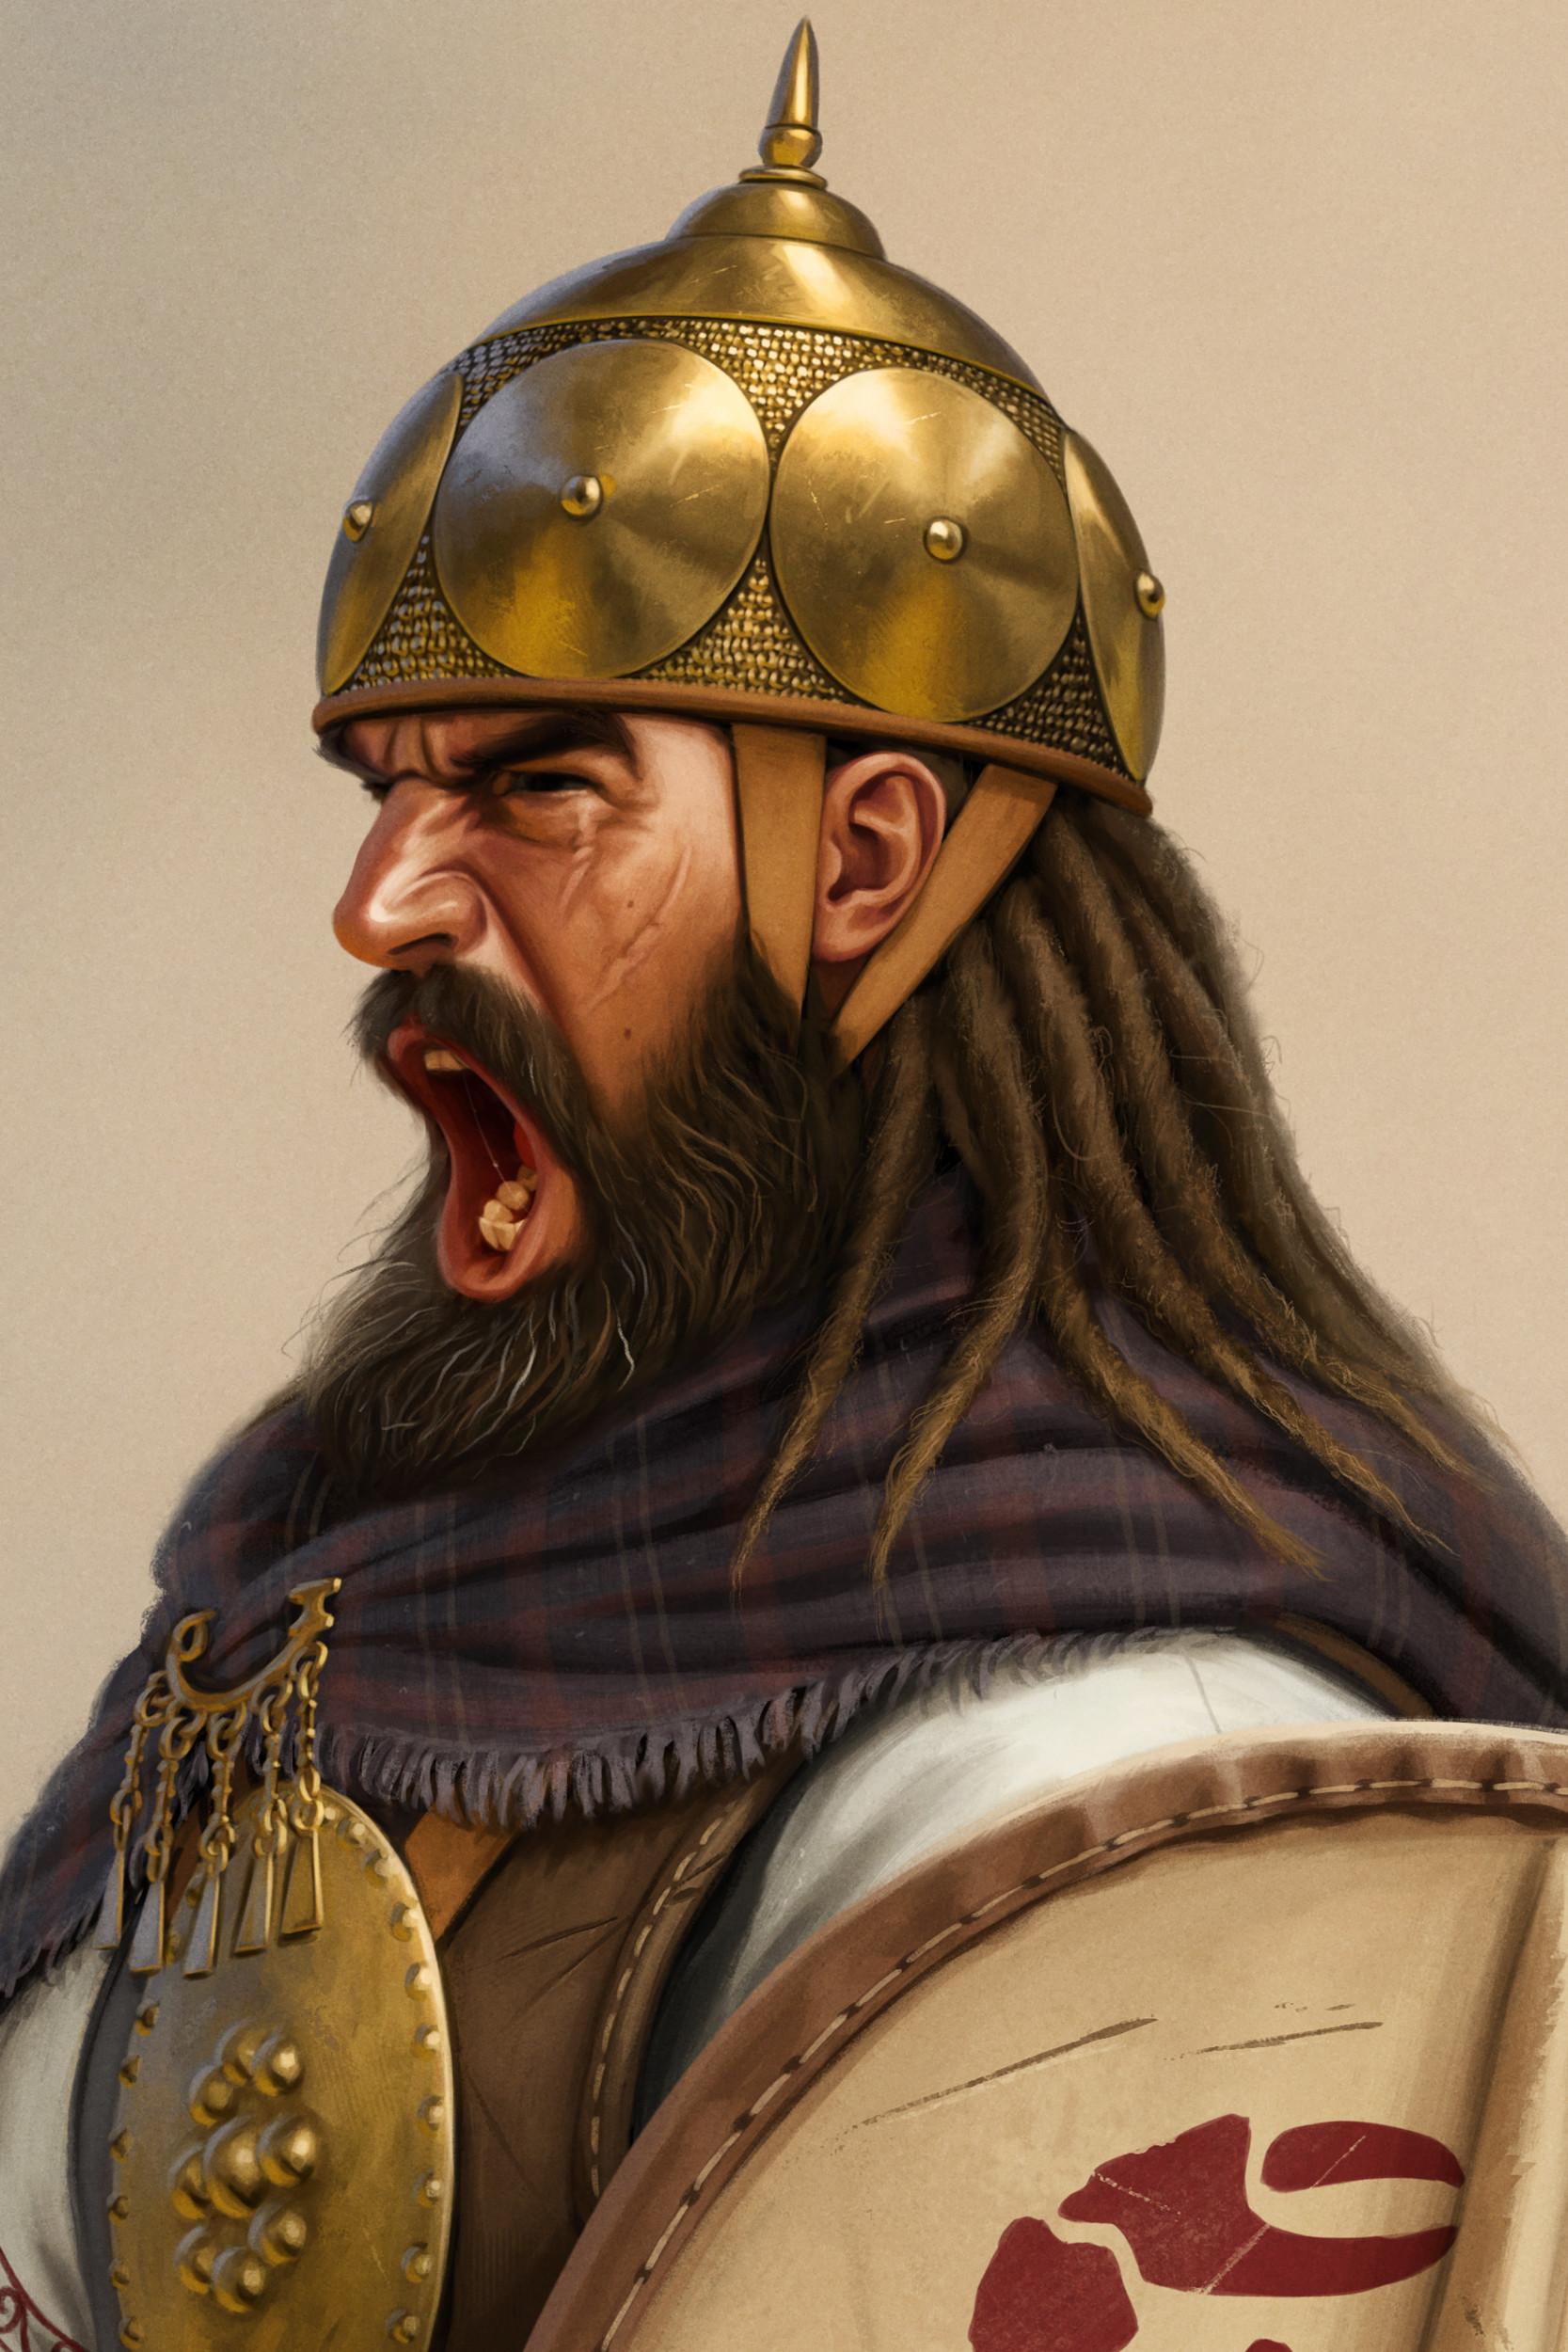 ArtStation - Illyrian warrior, Joan Francesc Oliveras